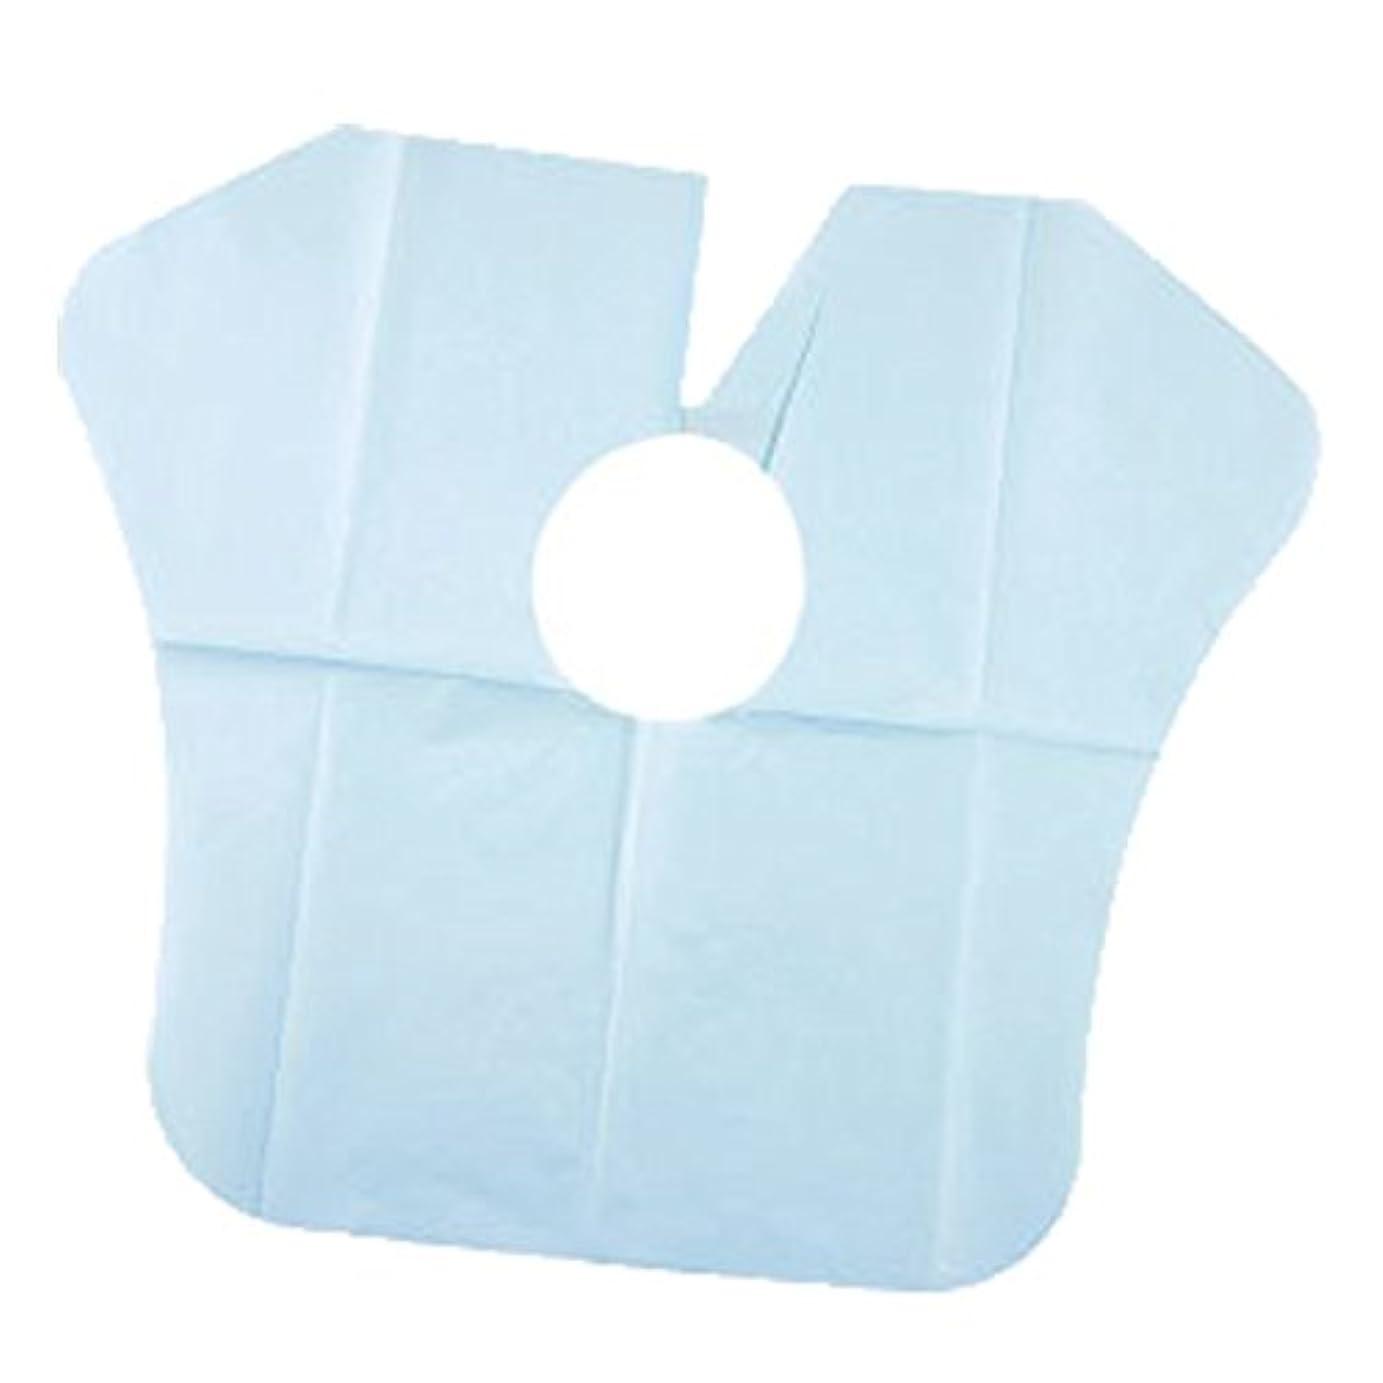 劇場器具才能ヨネコ ペーパーケープ 30枚入 不織布 ヘアダイクロスを汚れから守ります! YONECO